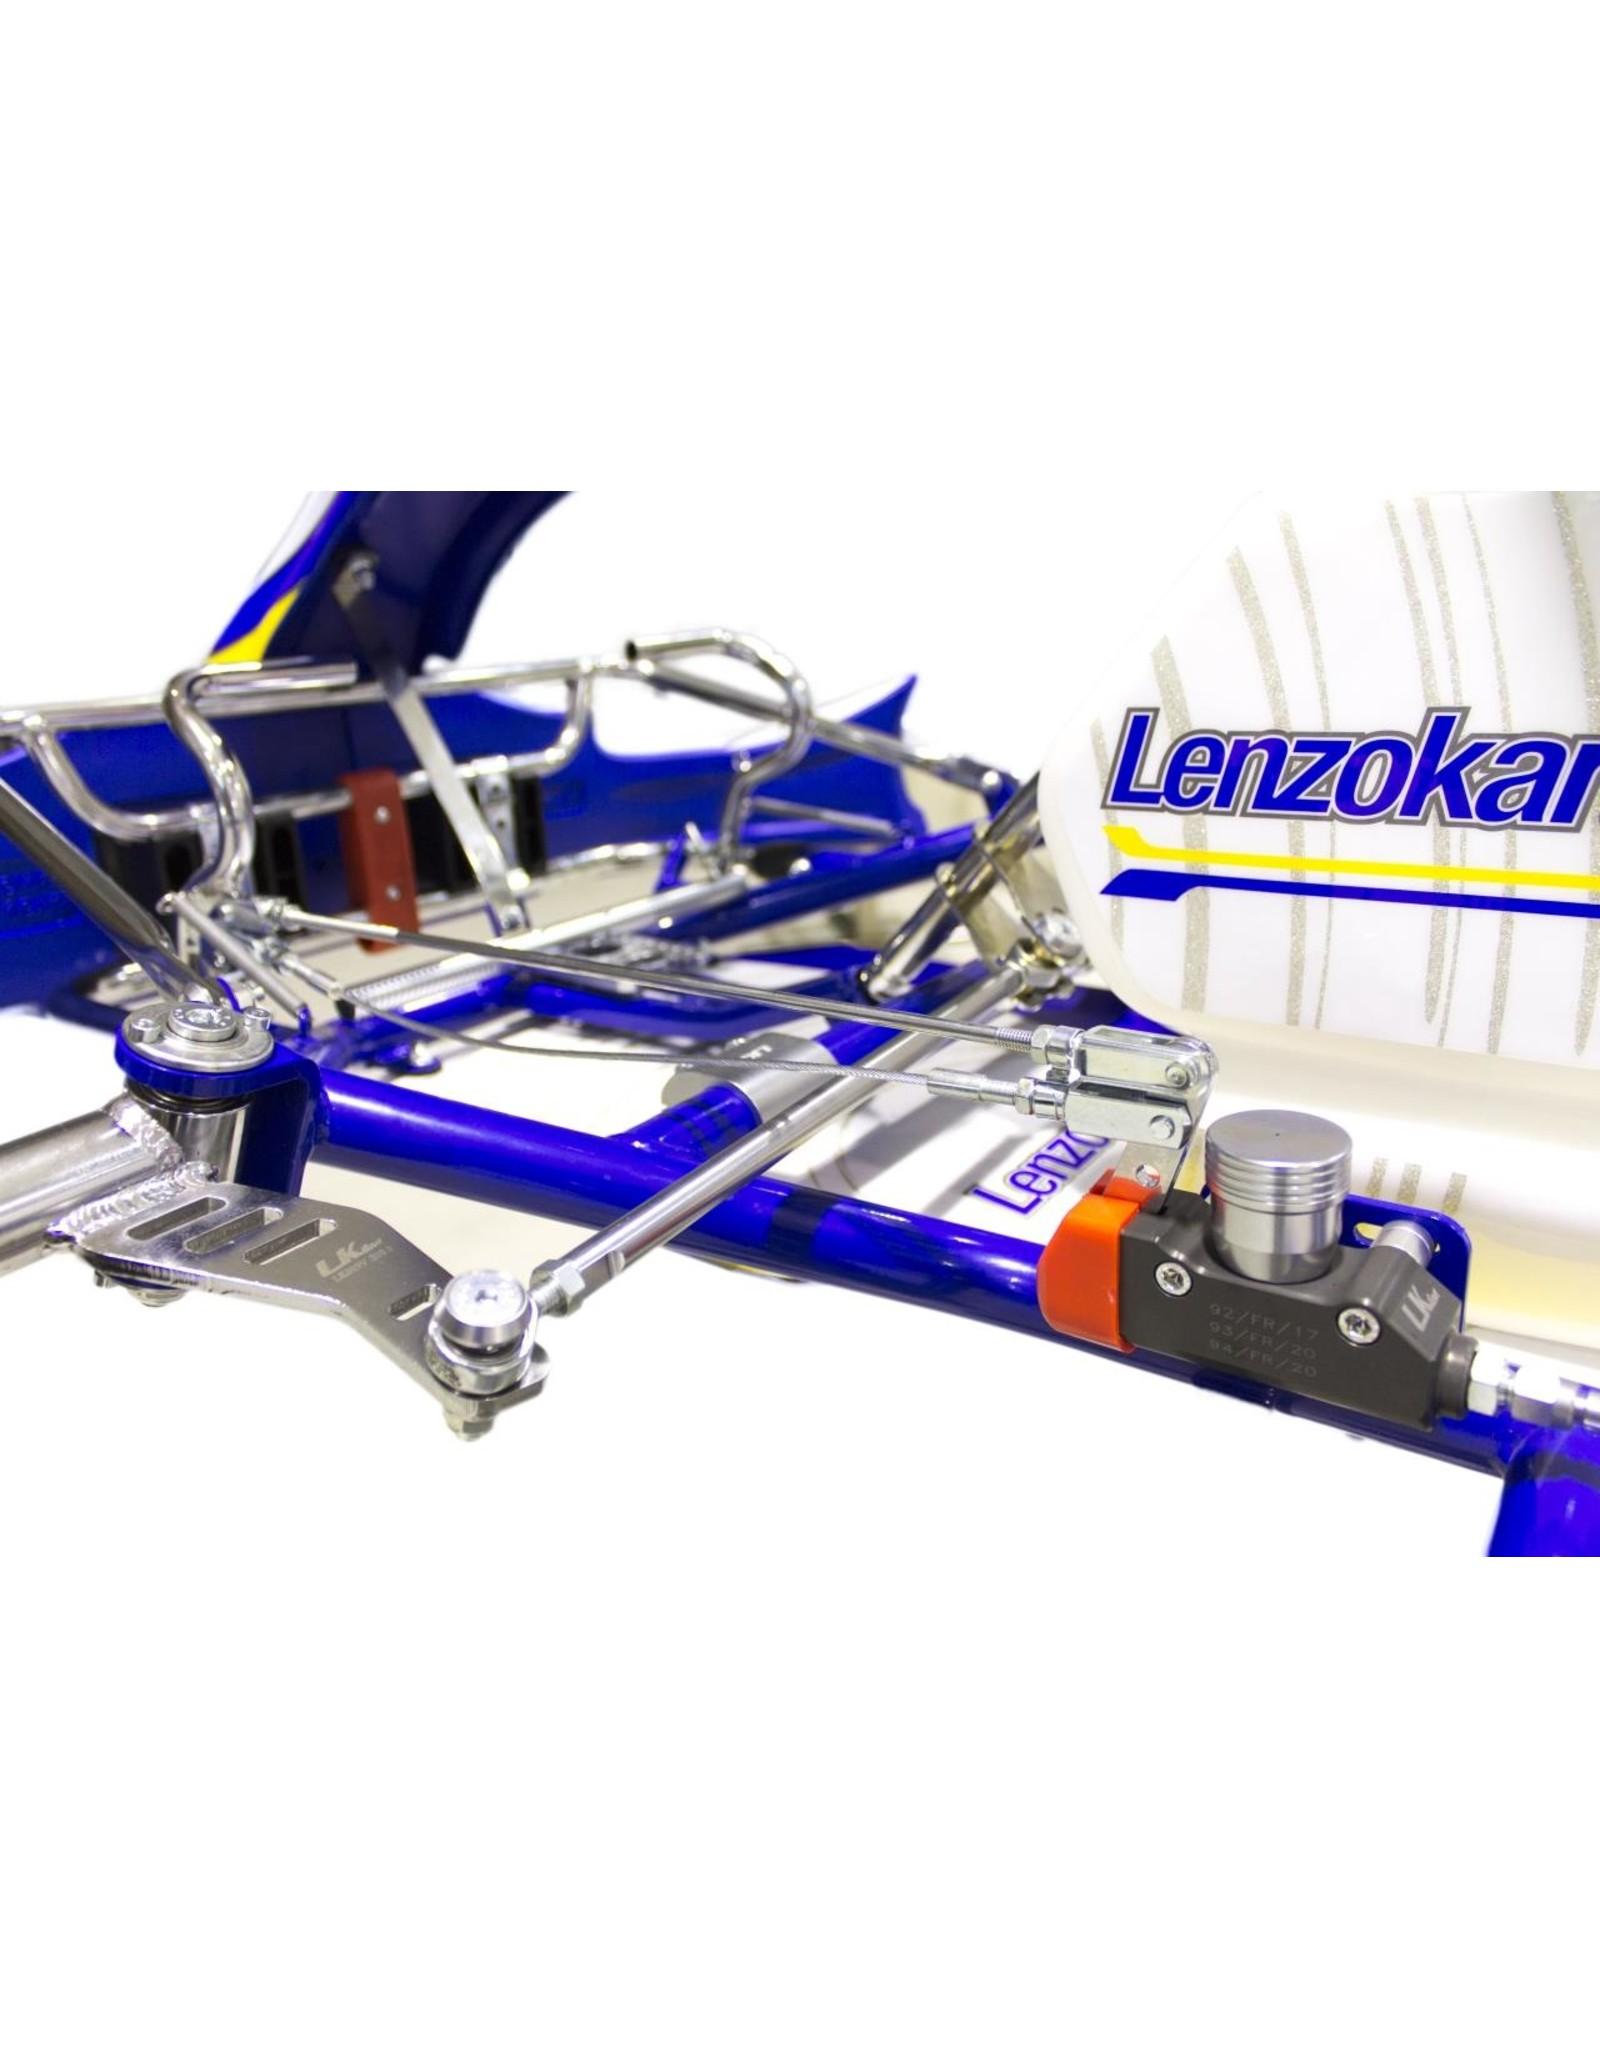 LenzoKart Lenzo kart  OK/OKJ